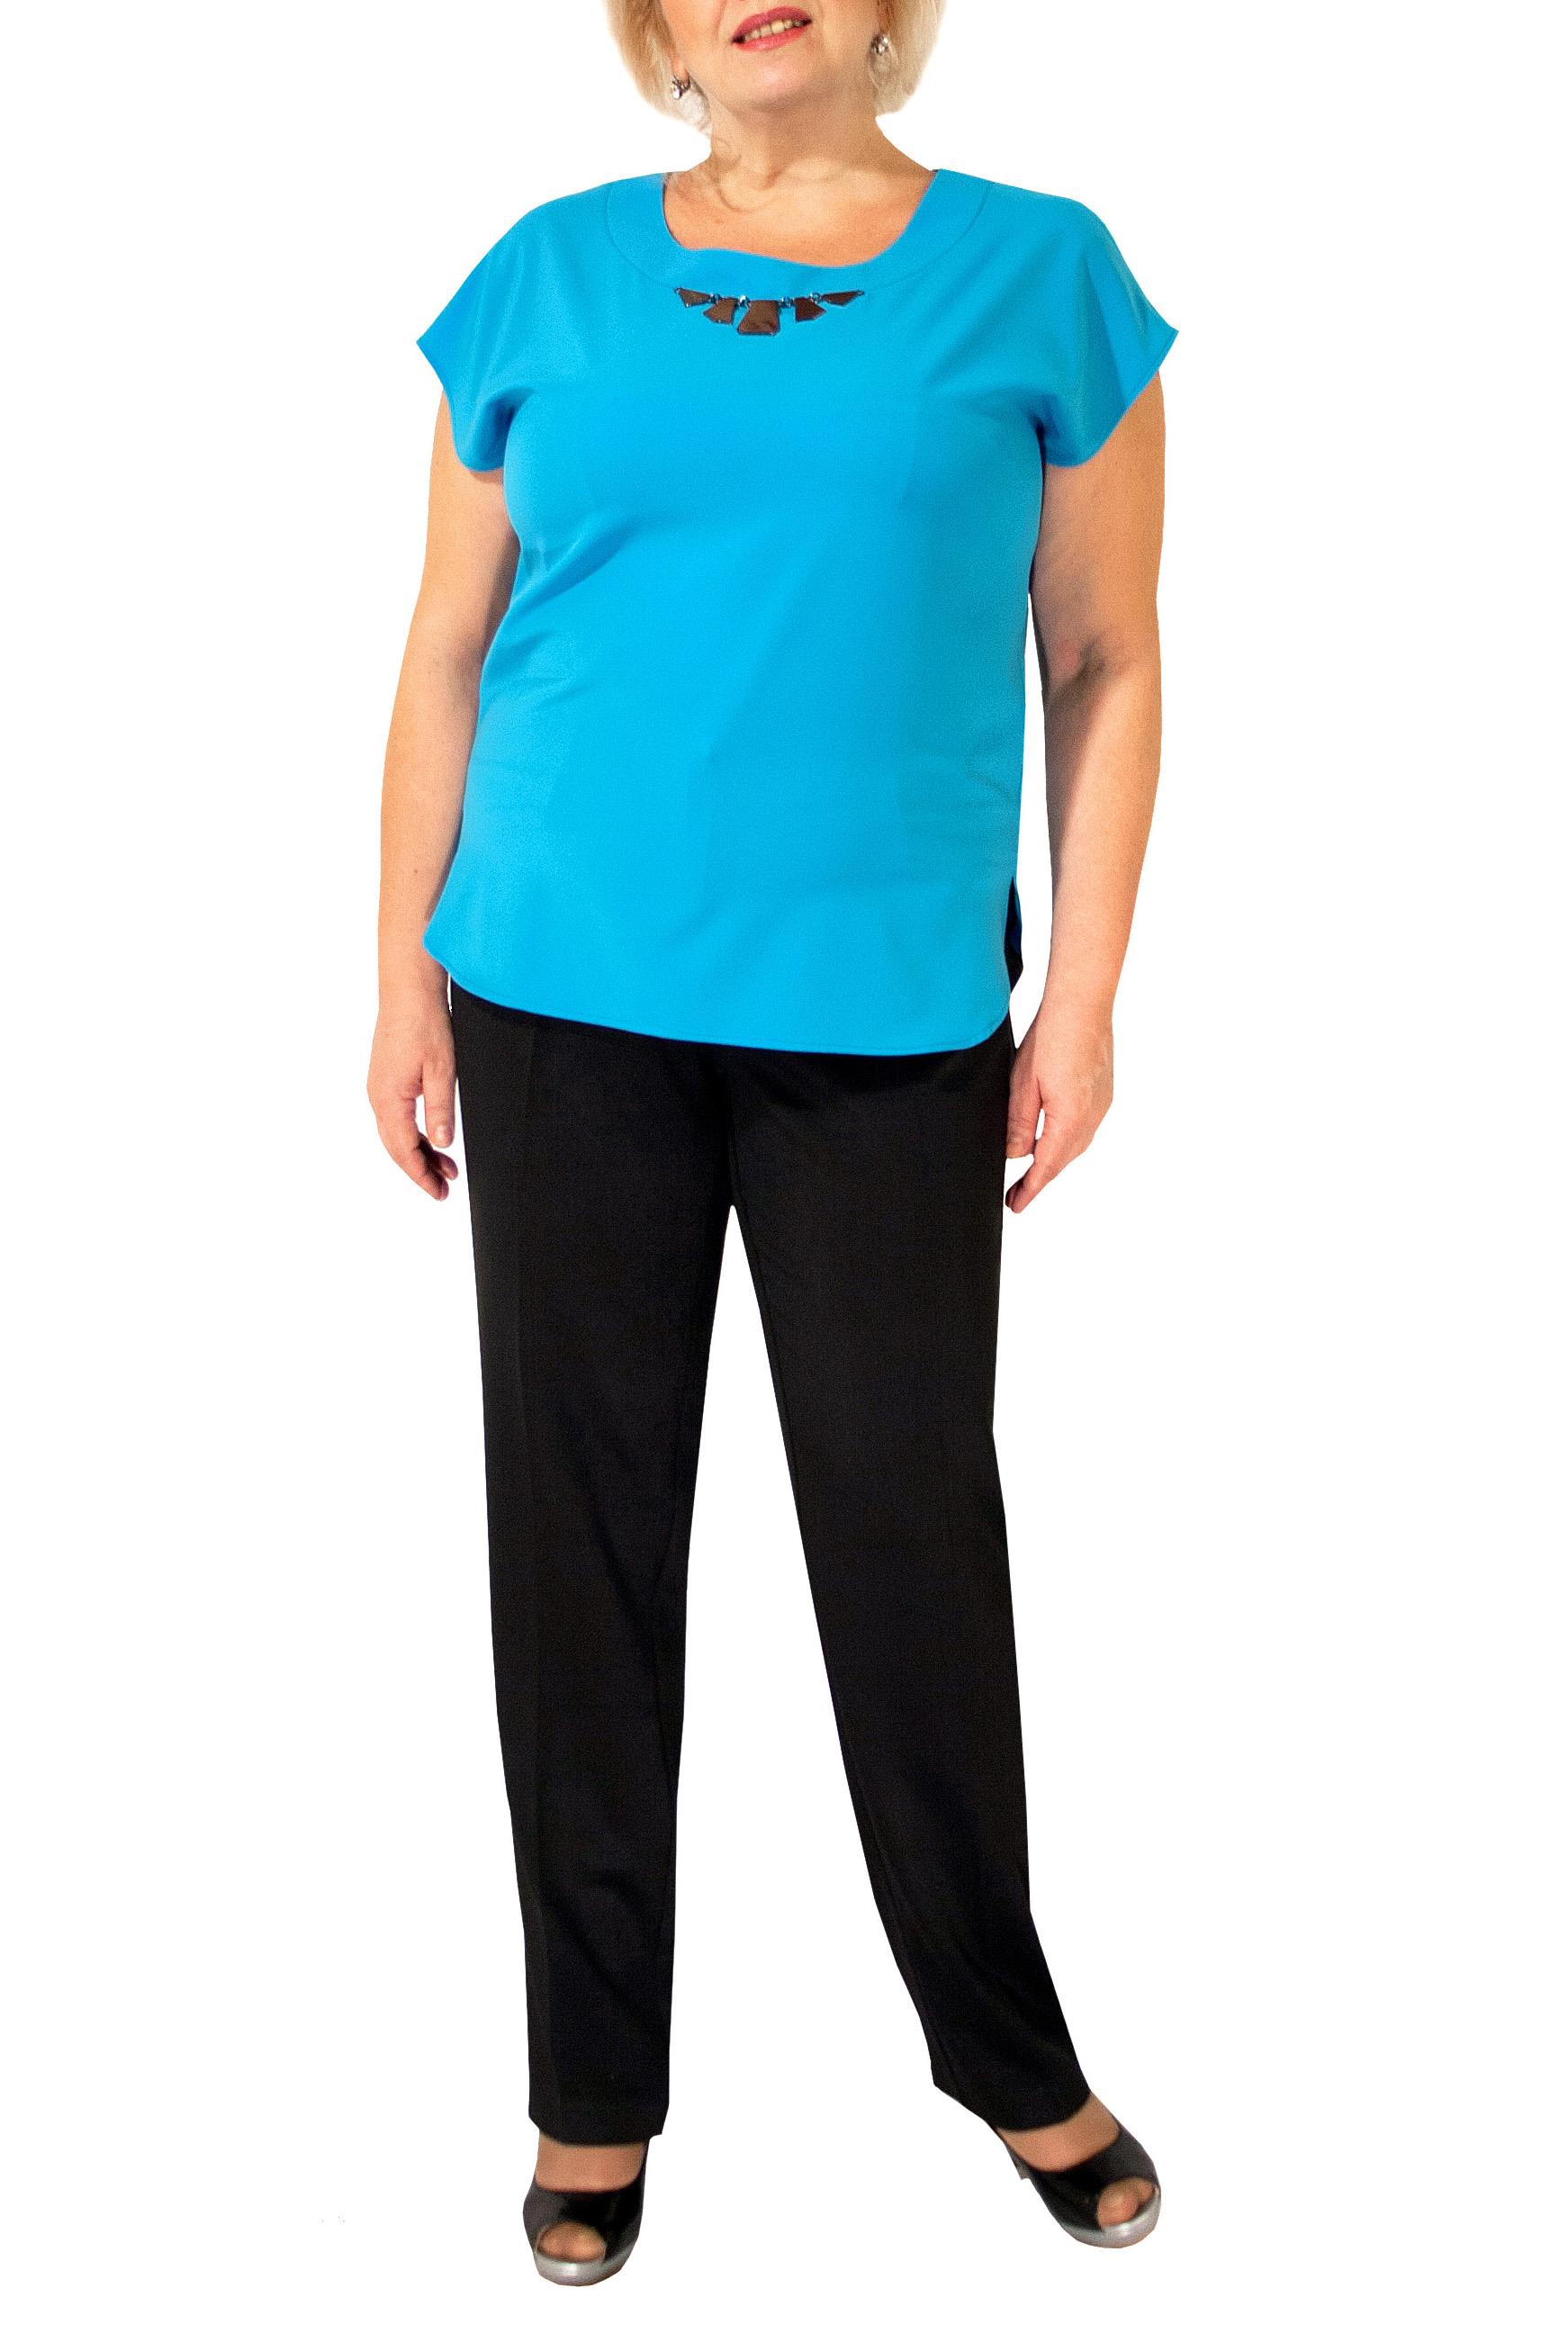 БлузкаБлузки<br>Великолепная блузка с круглой горловиной и короткими рукавами. Модель выполнена из приятного материала. Отличный выбор для любого случая.  Цвет: голубой  Ростовка изделия 170 см.<br><br>Горловина: С- горловина<br>По материалу: Шелк<br>По образу: Город,Офис,Свидание<br>По рисунку: Однотонные<br>По сезону: Весна,Зима,Лето,Осень,Всесезон<br>По силуэту: Прямые<br>По стилю: Офисный стиль,Повседневный стиль<br>По элементам: С декором,С отделочной фурнитурой<br>Рукав: Короткий рукав<br>Размер : 44-46,48-50,52-56<br>Материал: Шелк<br>Количество в наличии: 5